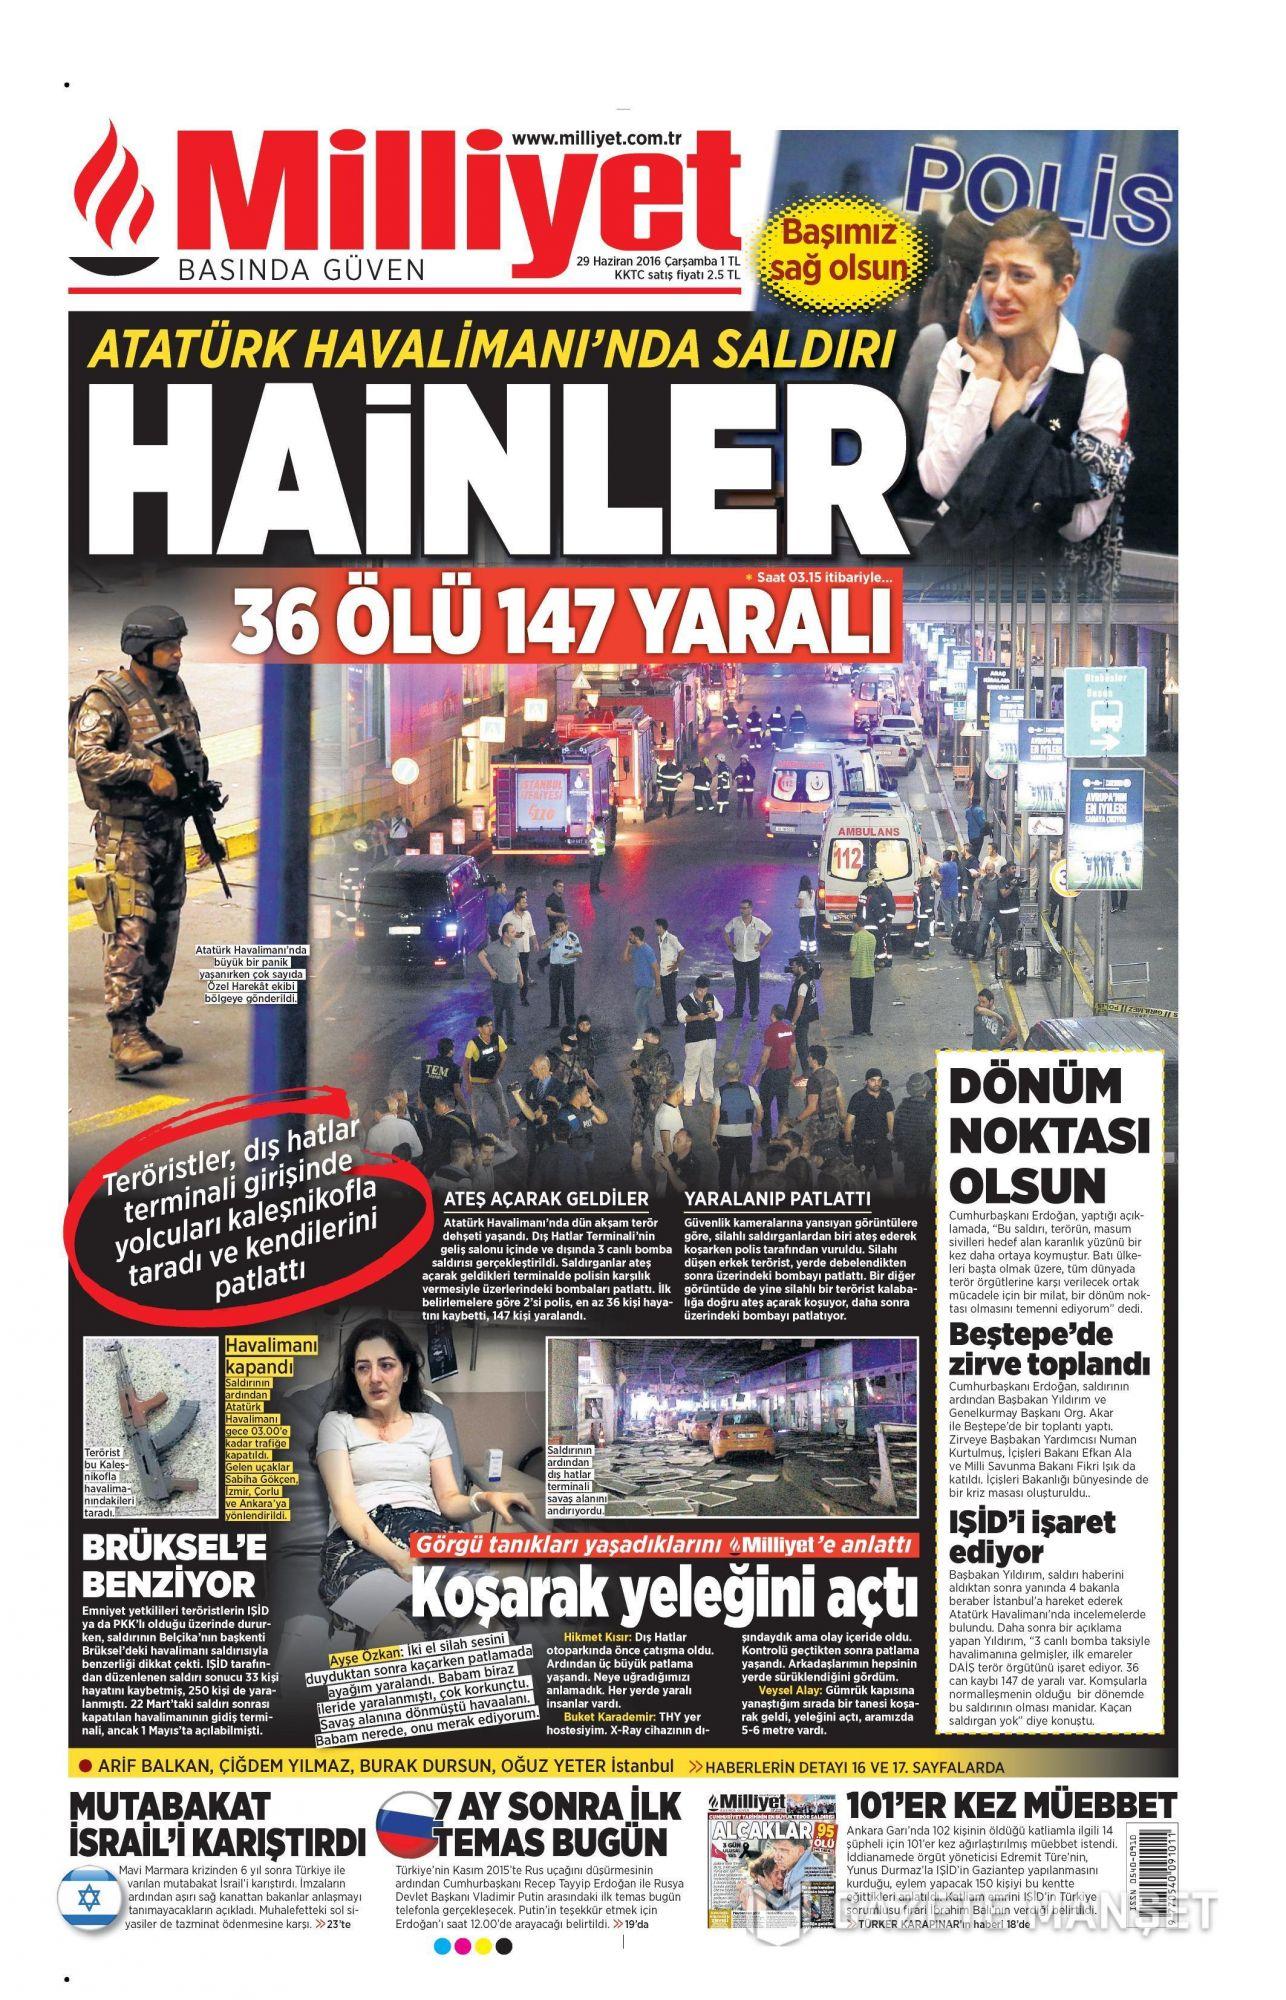 İşte Atatürk Havalimanı saldırısıyla ilgili tüm haberler 42